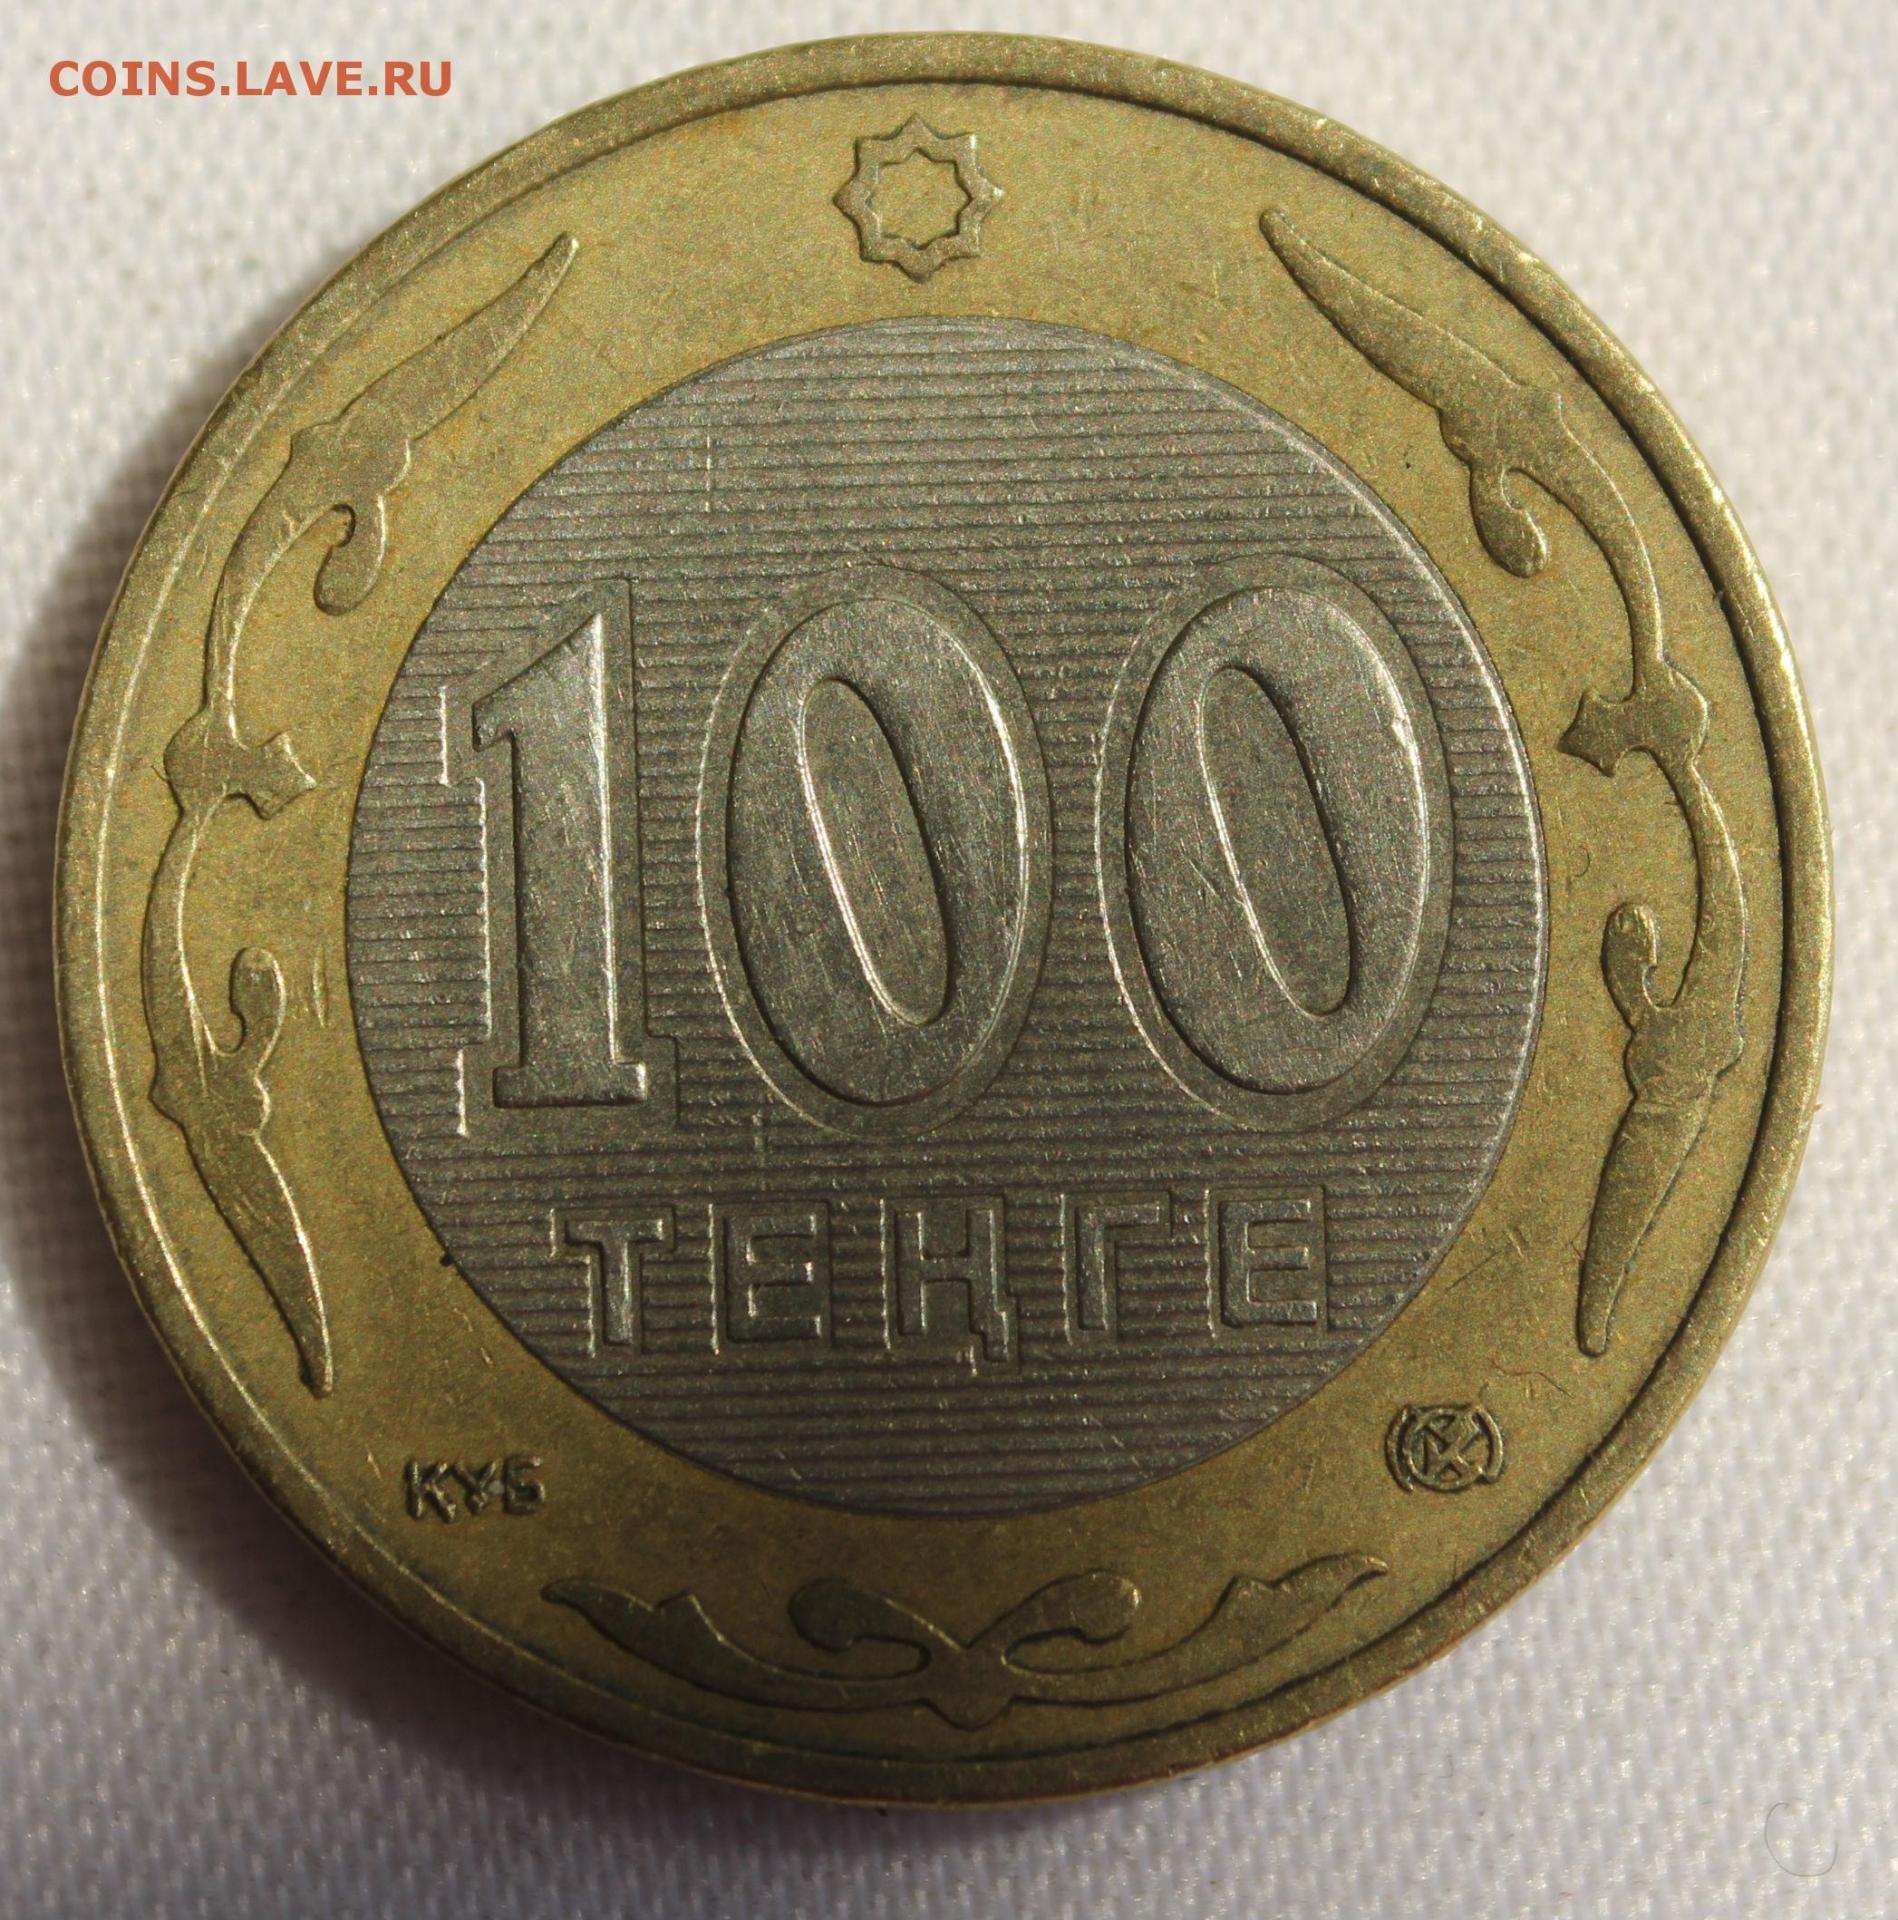 100 тенге 2002г стоимость новая турецкая лира фото